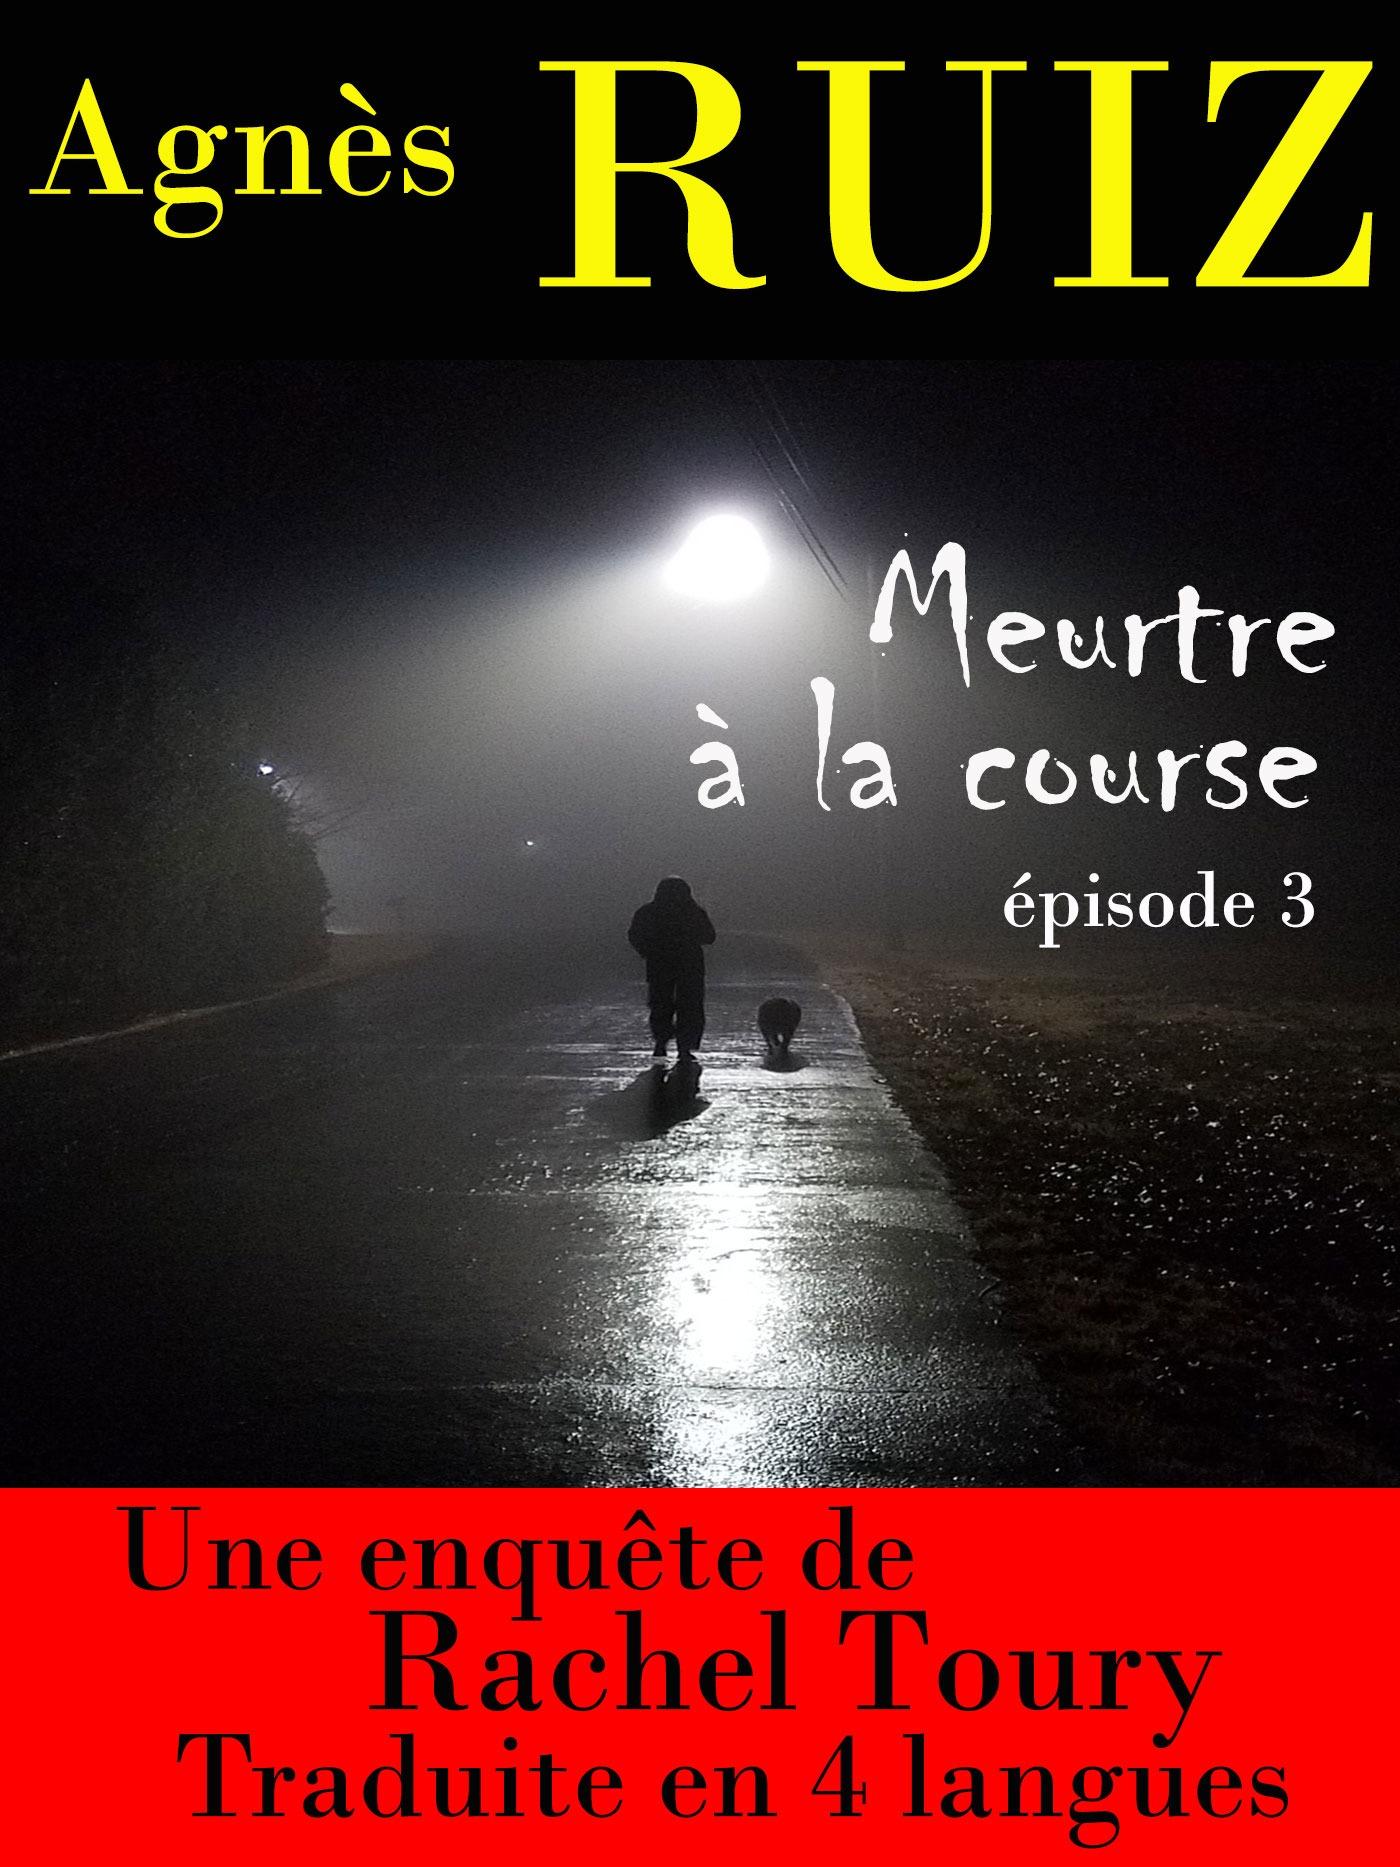 Meurtre à la course, épisode 3 (dernier épisode)